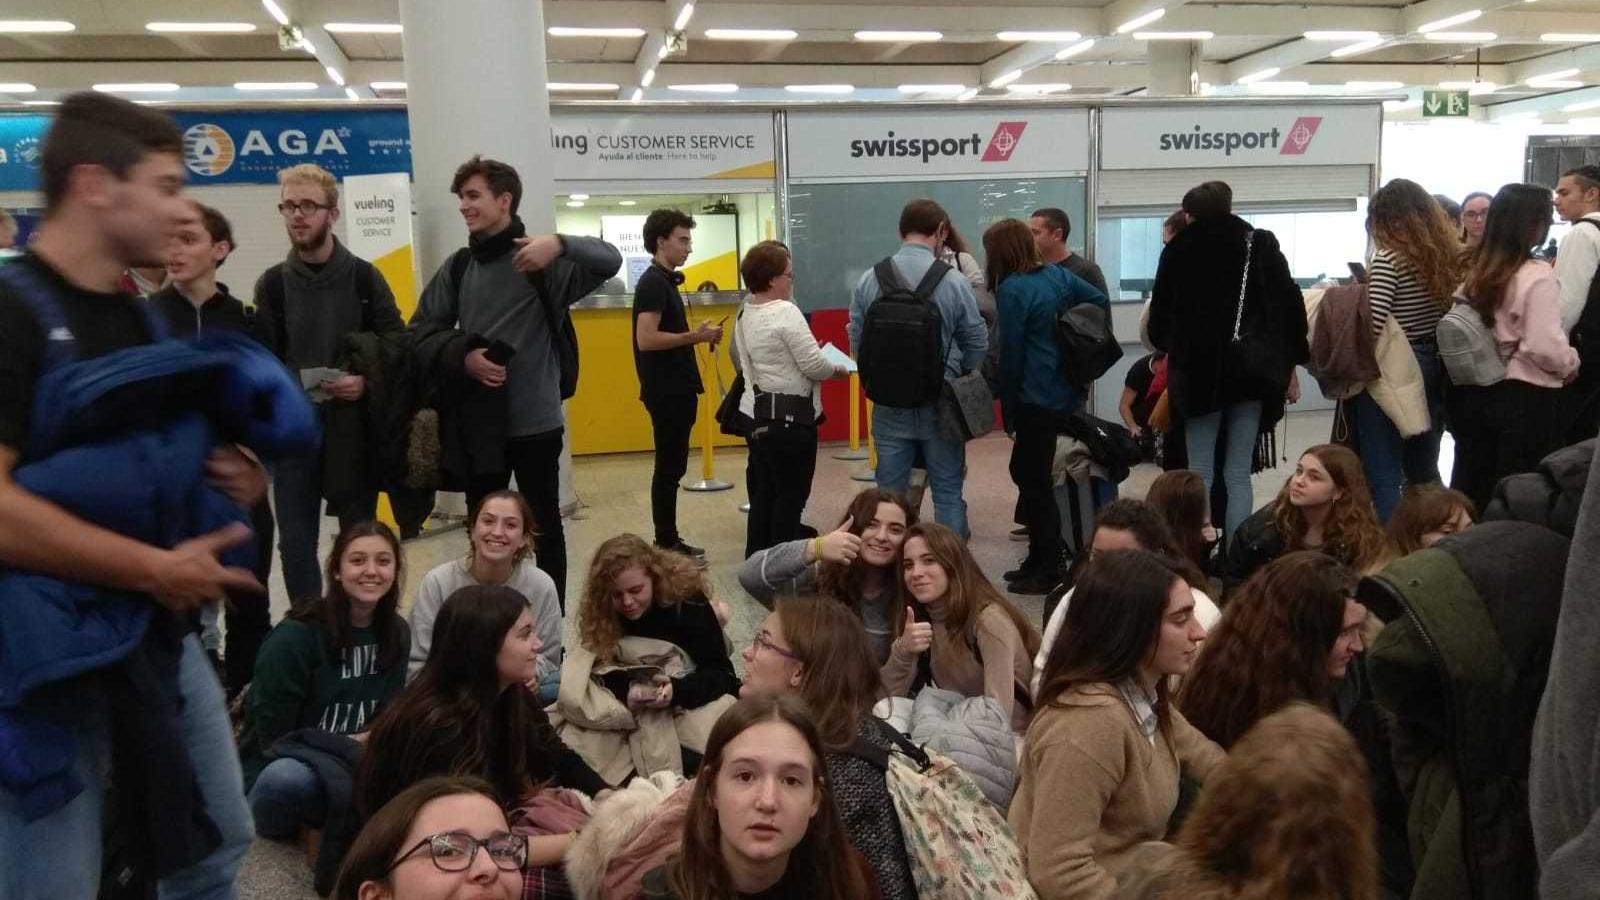 Els alumnes de l'IES de Llucmajor, sis hores abandonats per Vueling abans del viatge d'estudis